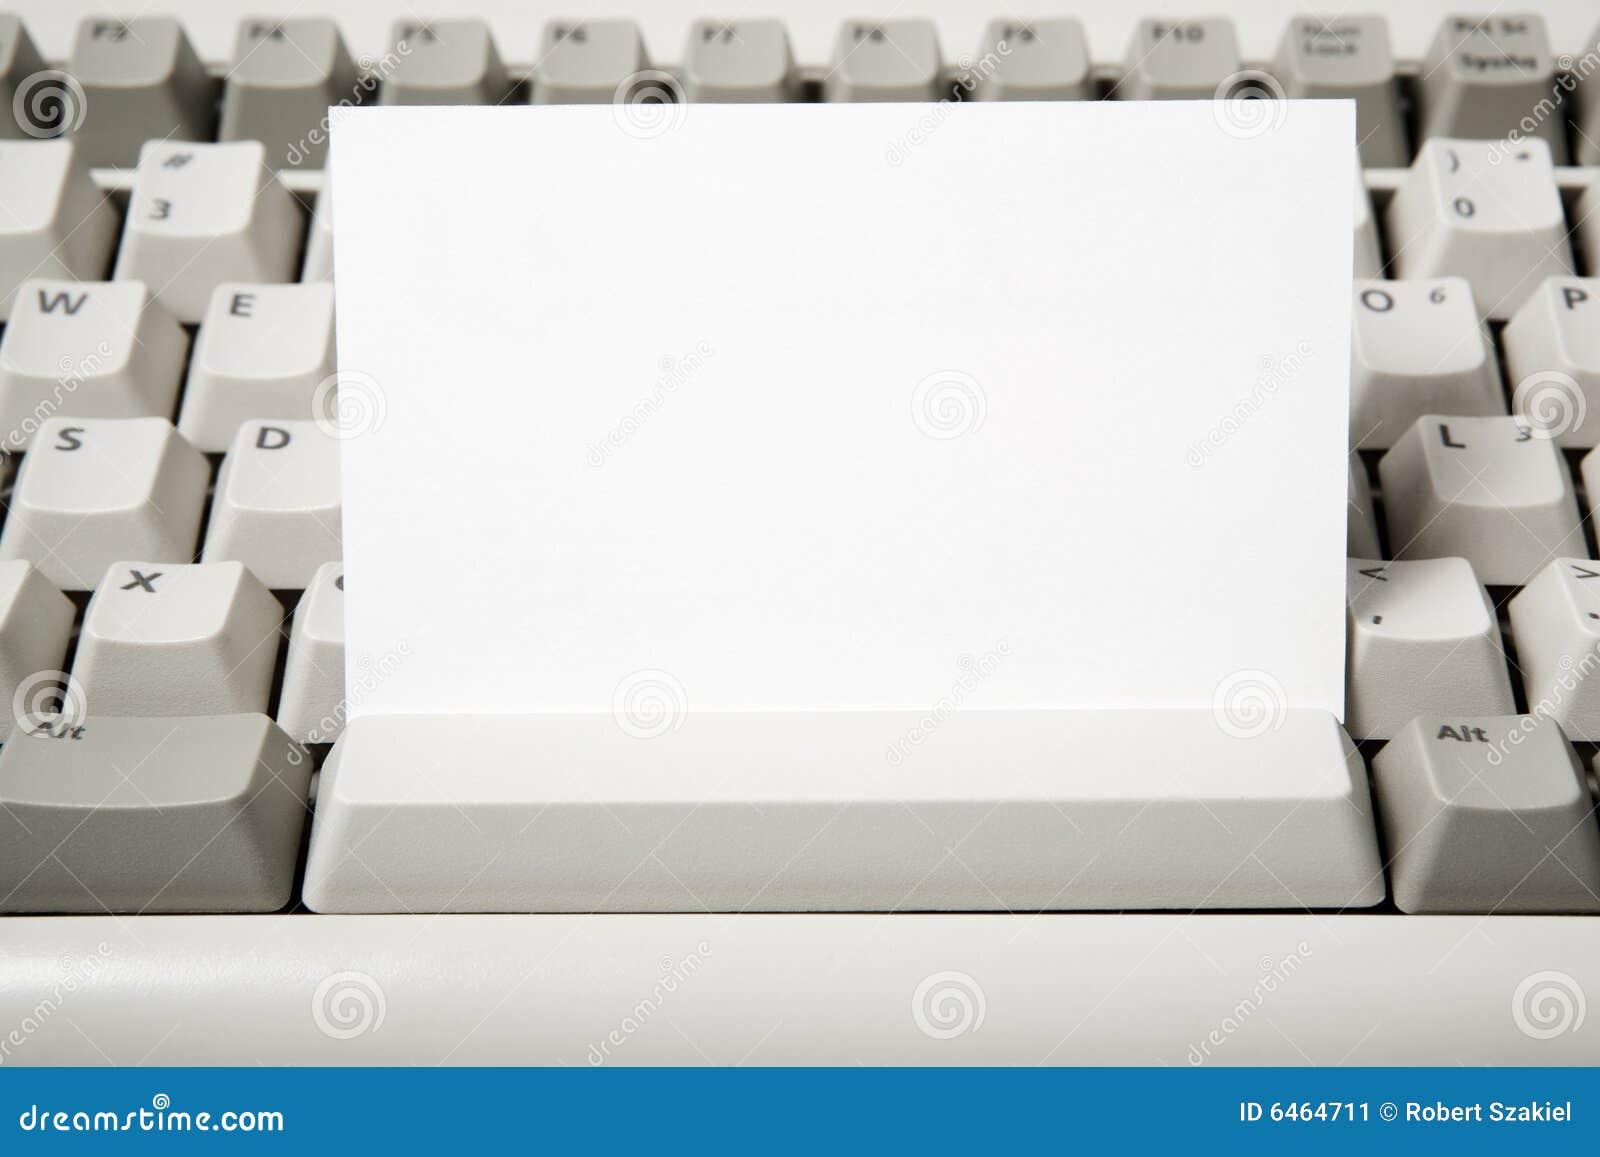 Komputerowa pustej wizytówki klawiatura